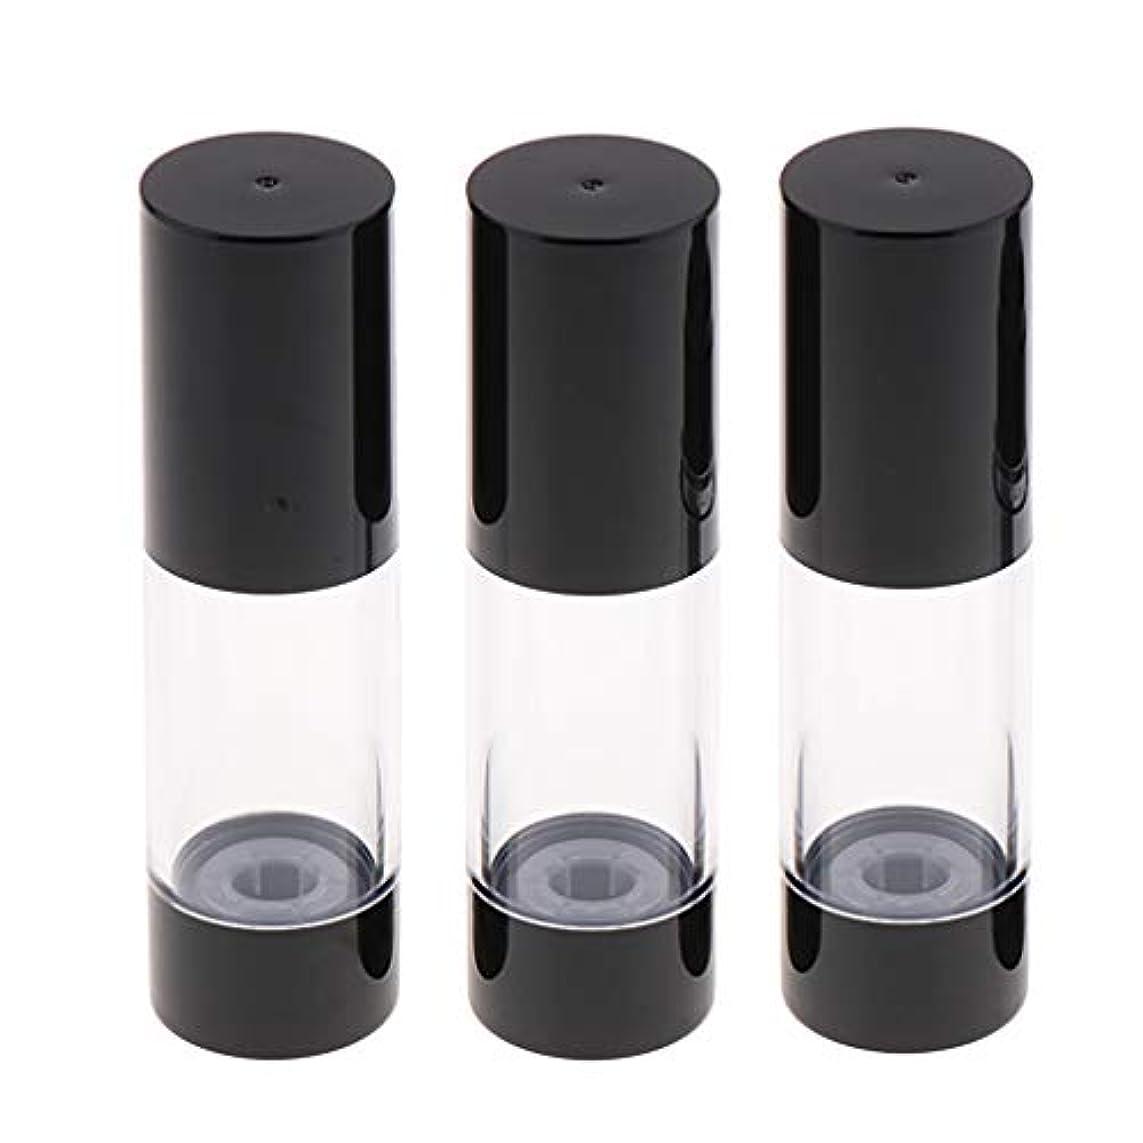 バンカー櫛悪質なHellery 香水アトマイザー スプレーボトル 真空ボトル 霧吹き 詰め替え 再利用可能 漏れ防止 携帯用 3個 - 30mlクリーム